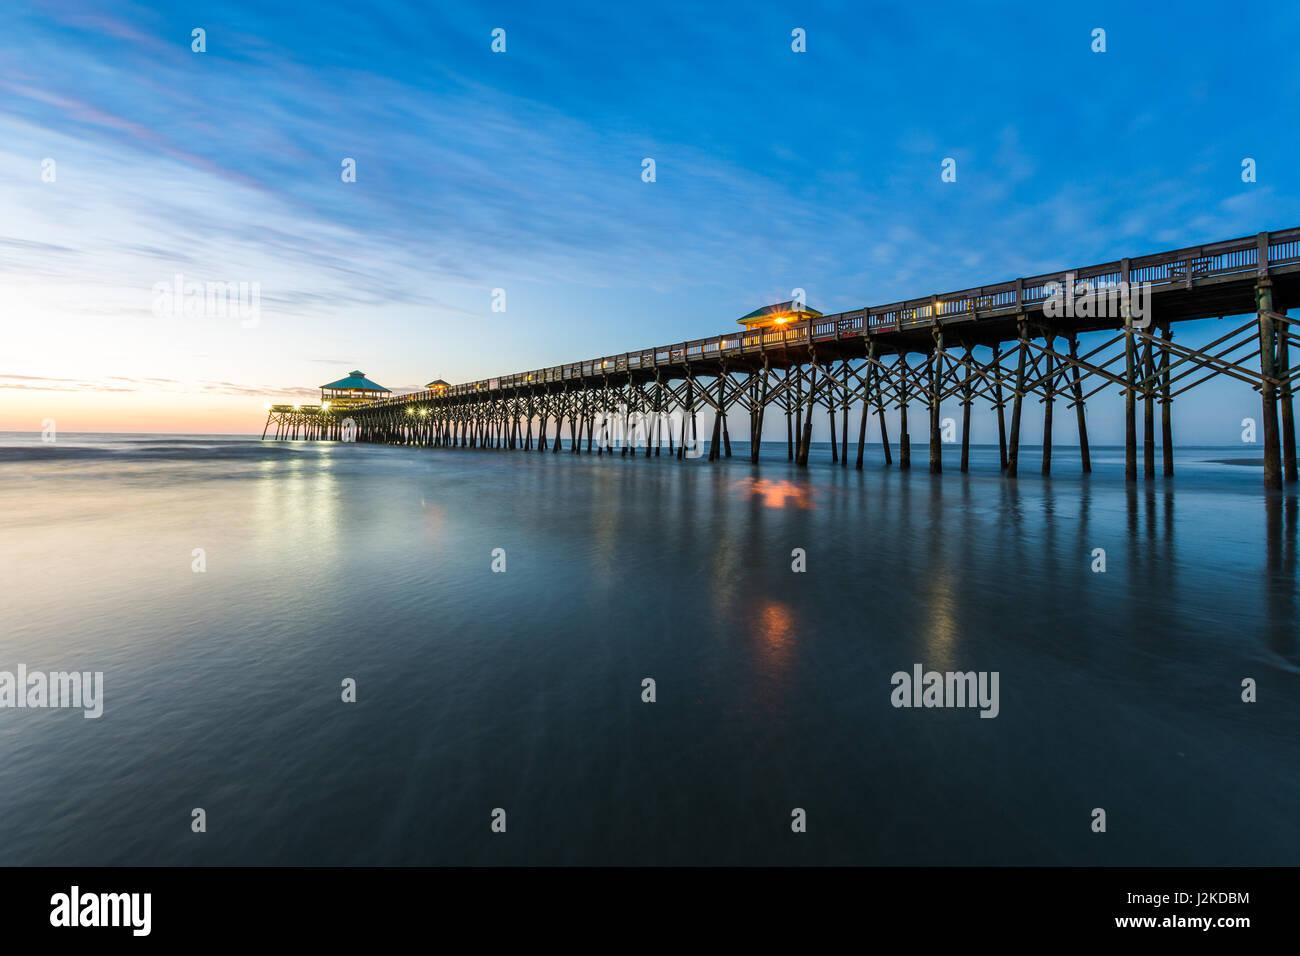 Folly Beach Pier Photos & Folly Beach Pier Images - Alamy